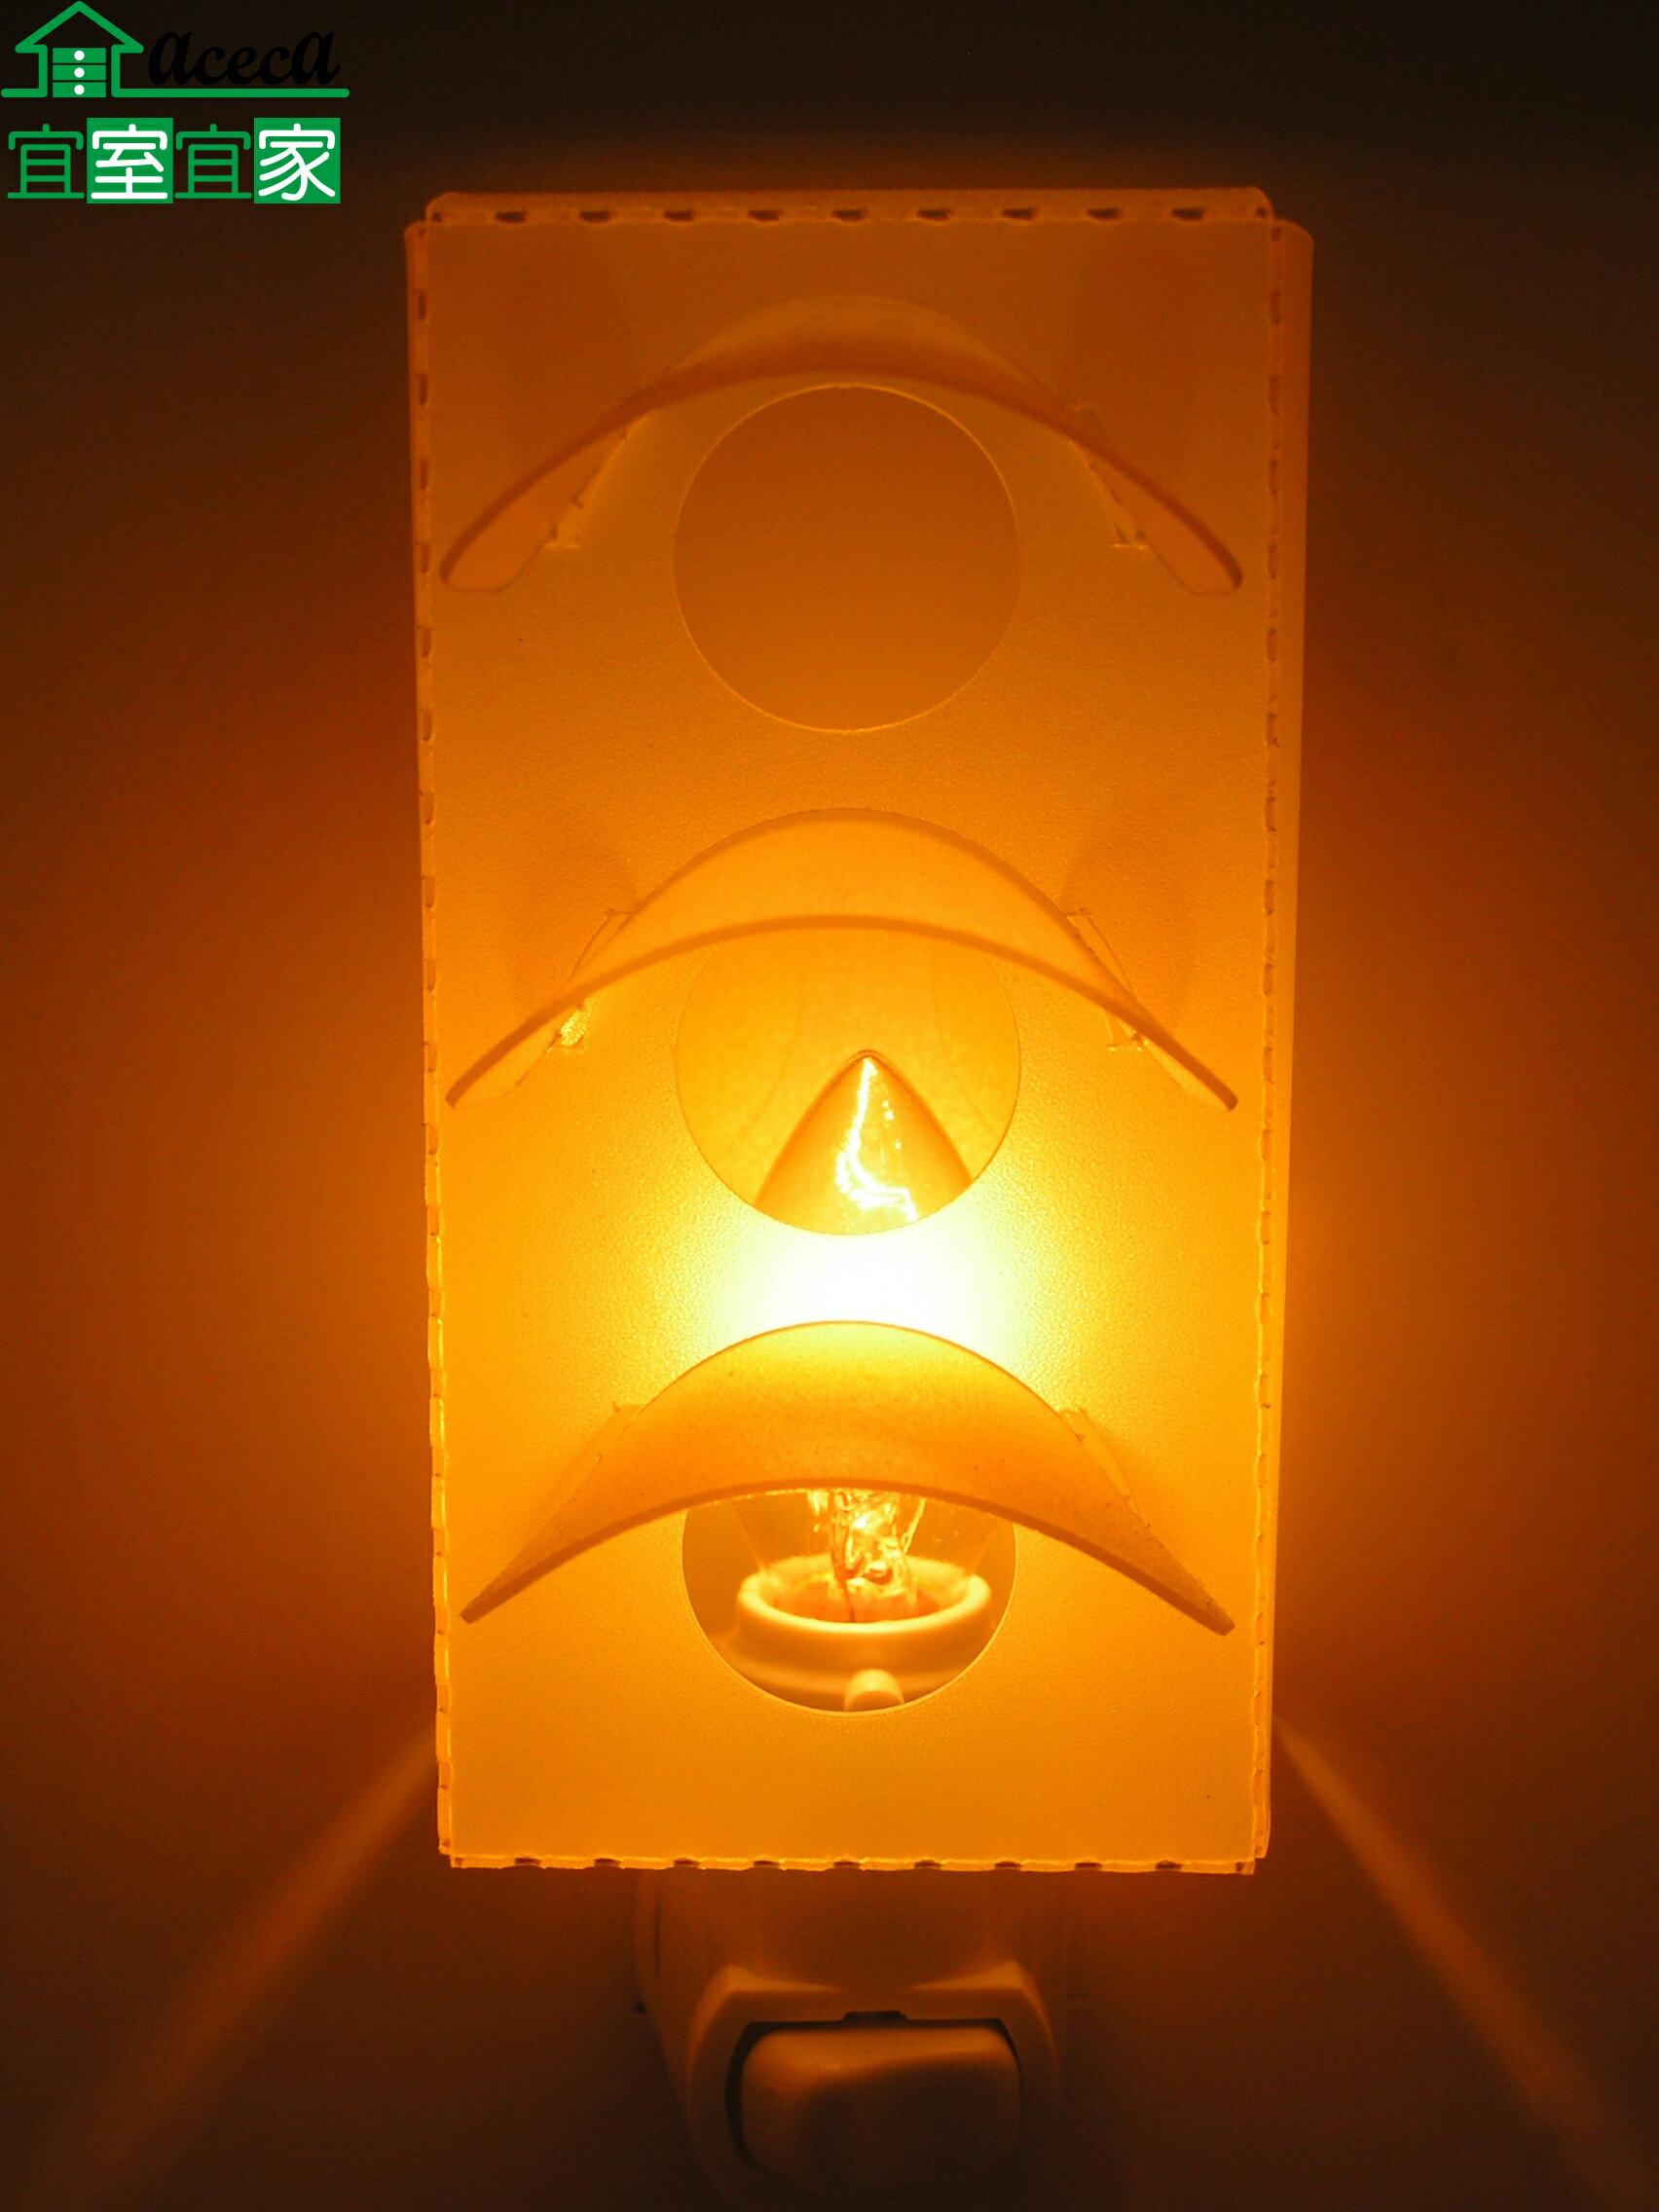 小夜燈 紅綠燈造型床頭燈 創意 造型 浪漫 夜生活 送禮 MIT 台灣製  【宜室宜家CYF21】